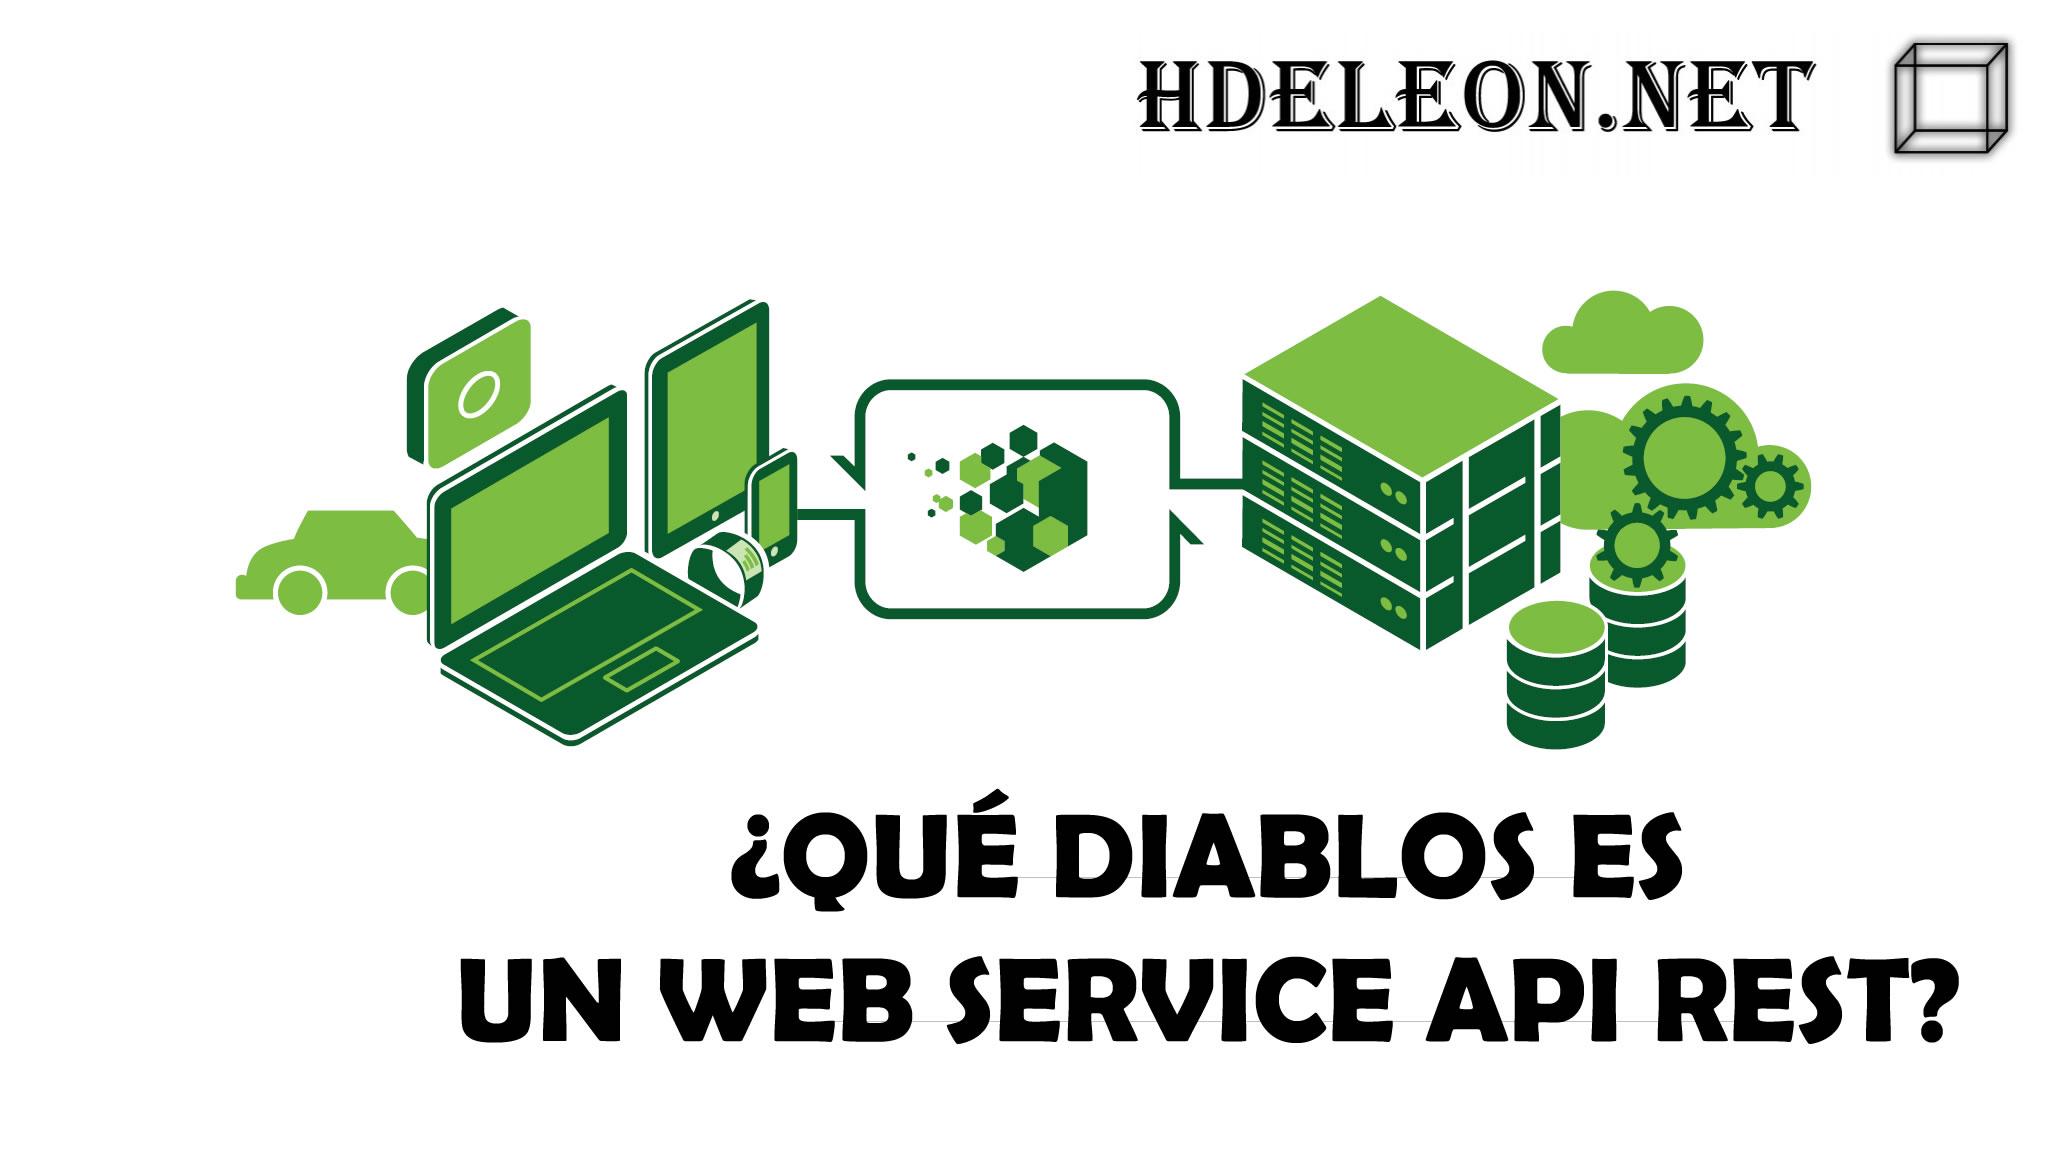 ¿Qué diablos es un web service Api Rest? Ejemplo práctico en C# .Net